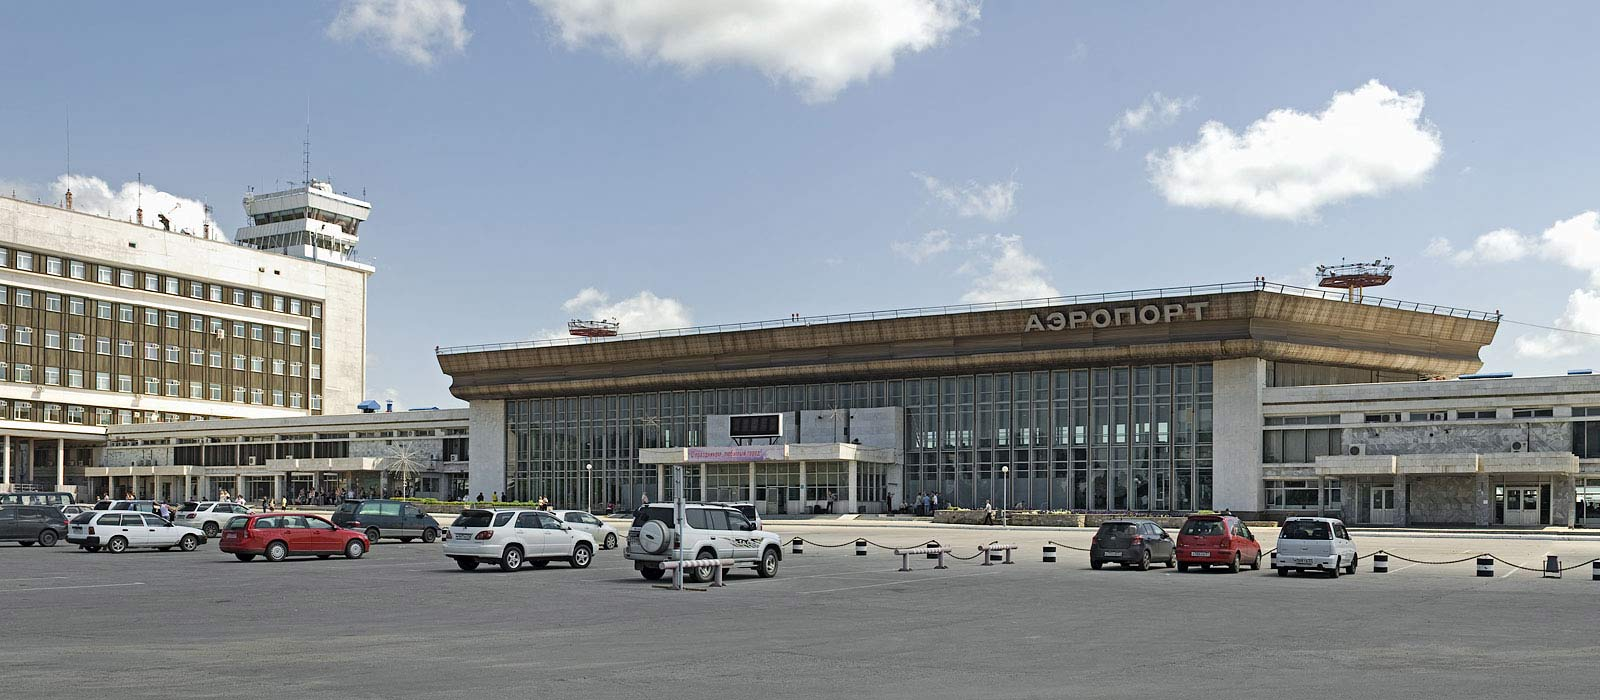 Аэропорт-Хабаровск-Новый2